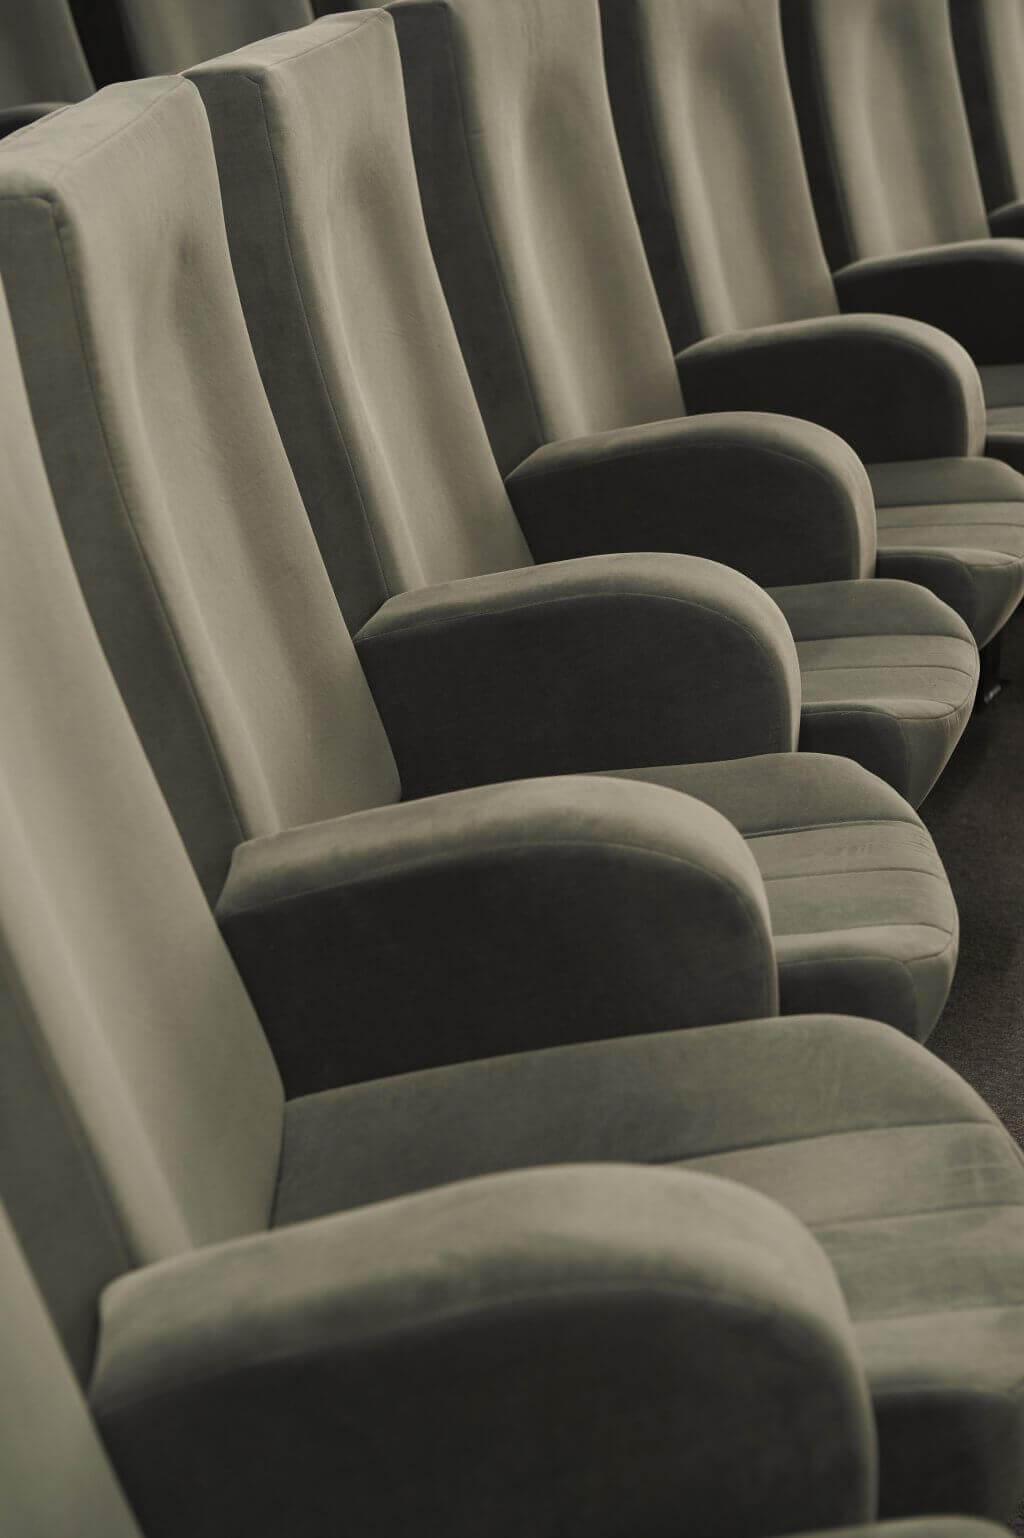 Kleslo -FK>10- Leader de fabrication de fauteuils cinéma, théâtre ...disney Paris